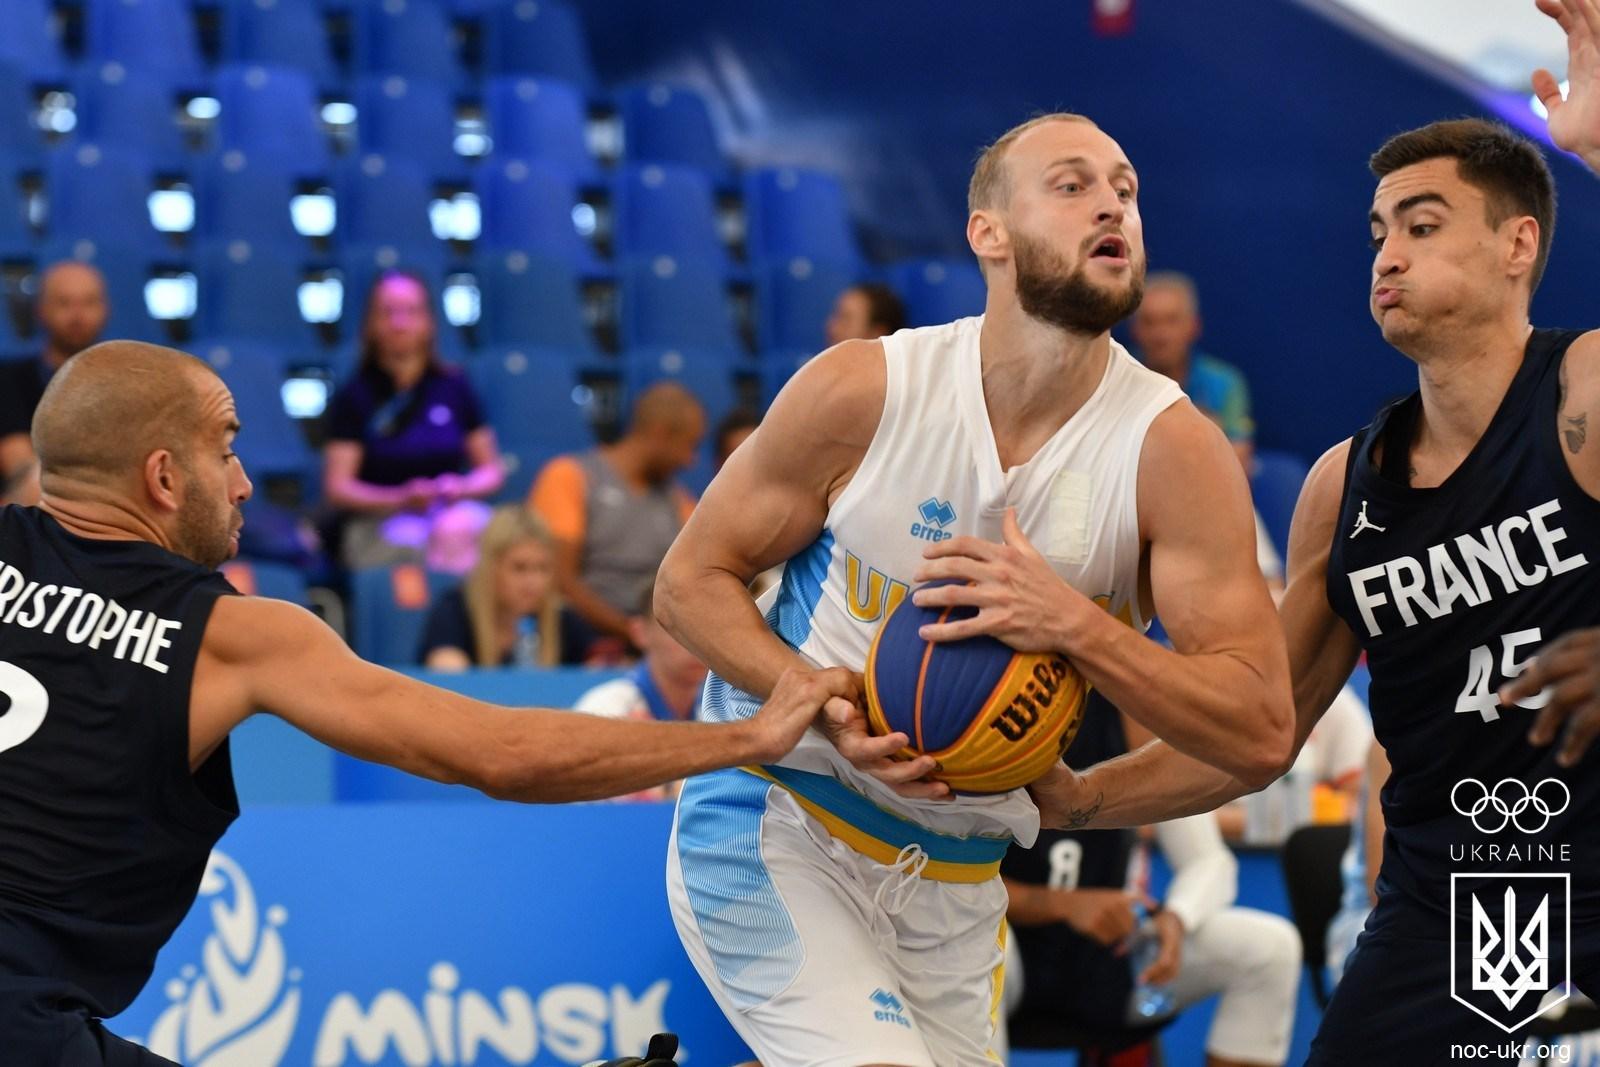 Олексій Щепкін: остання гра була найважчою